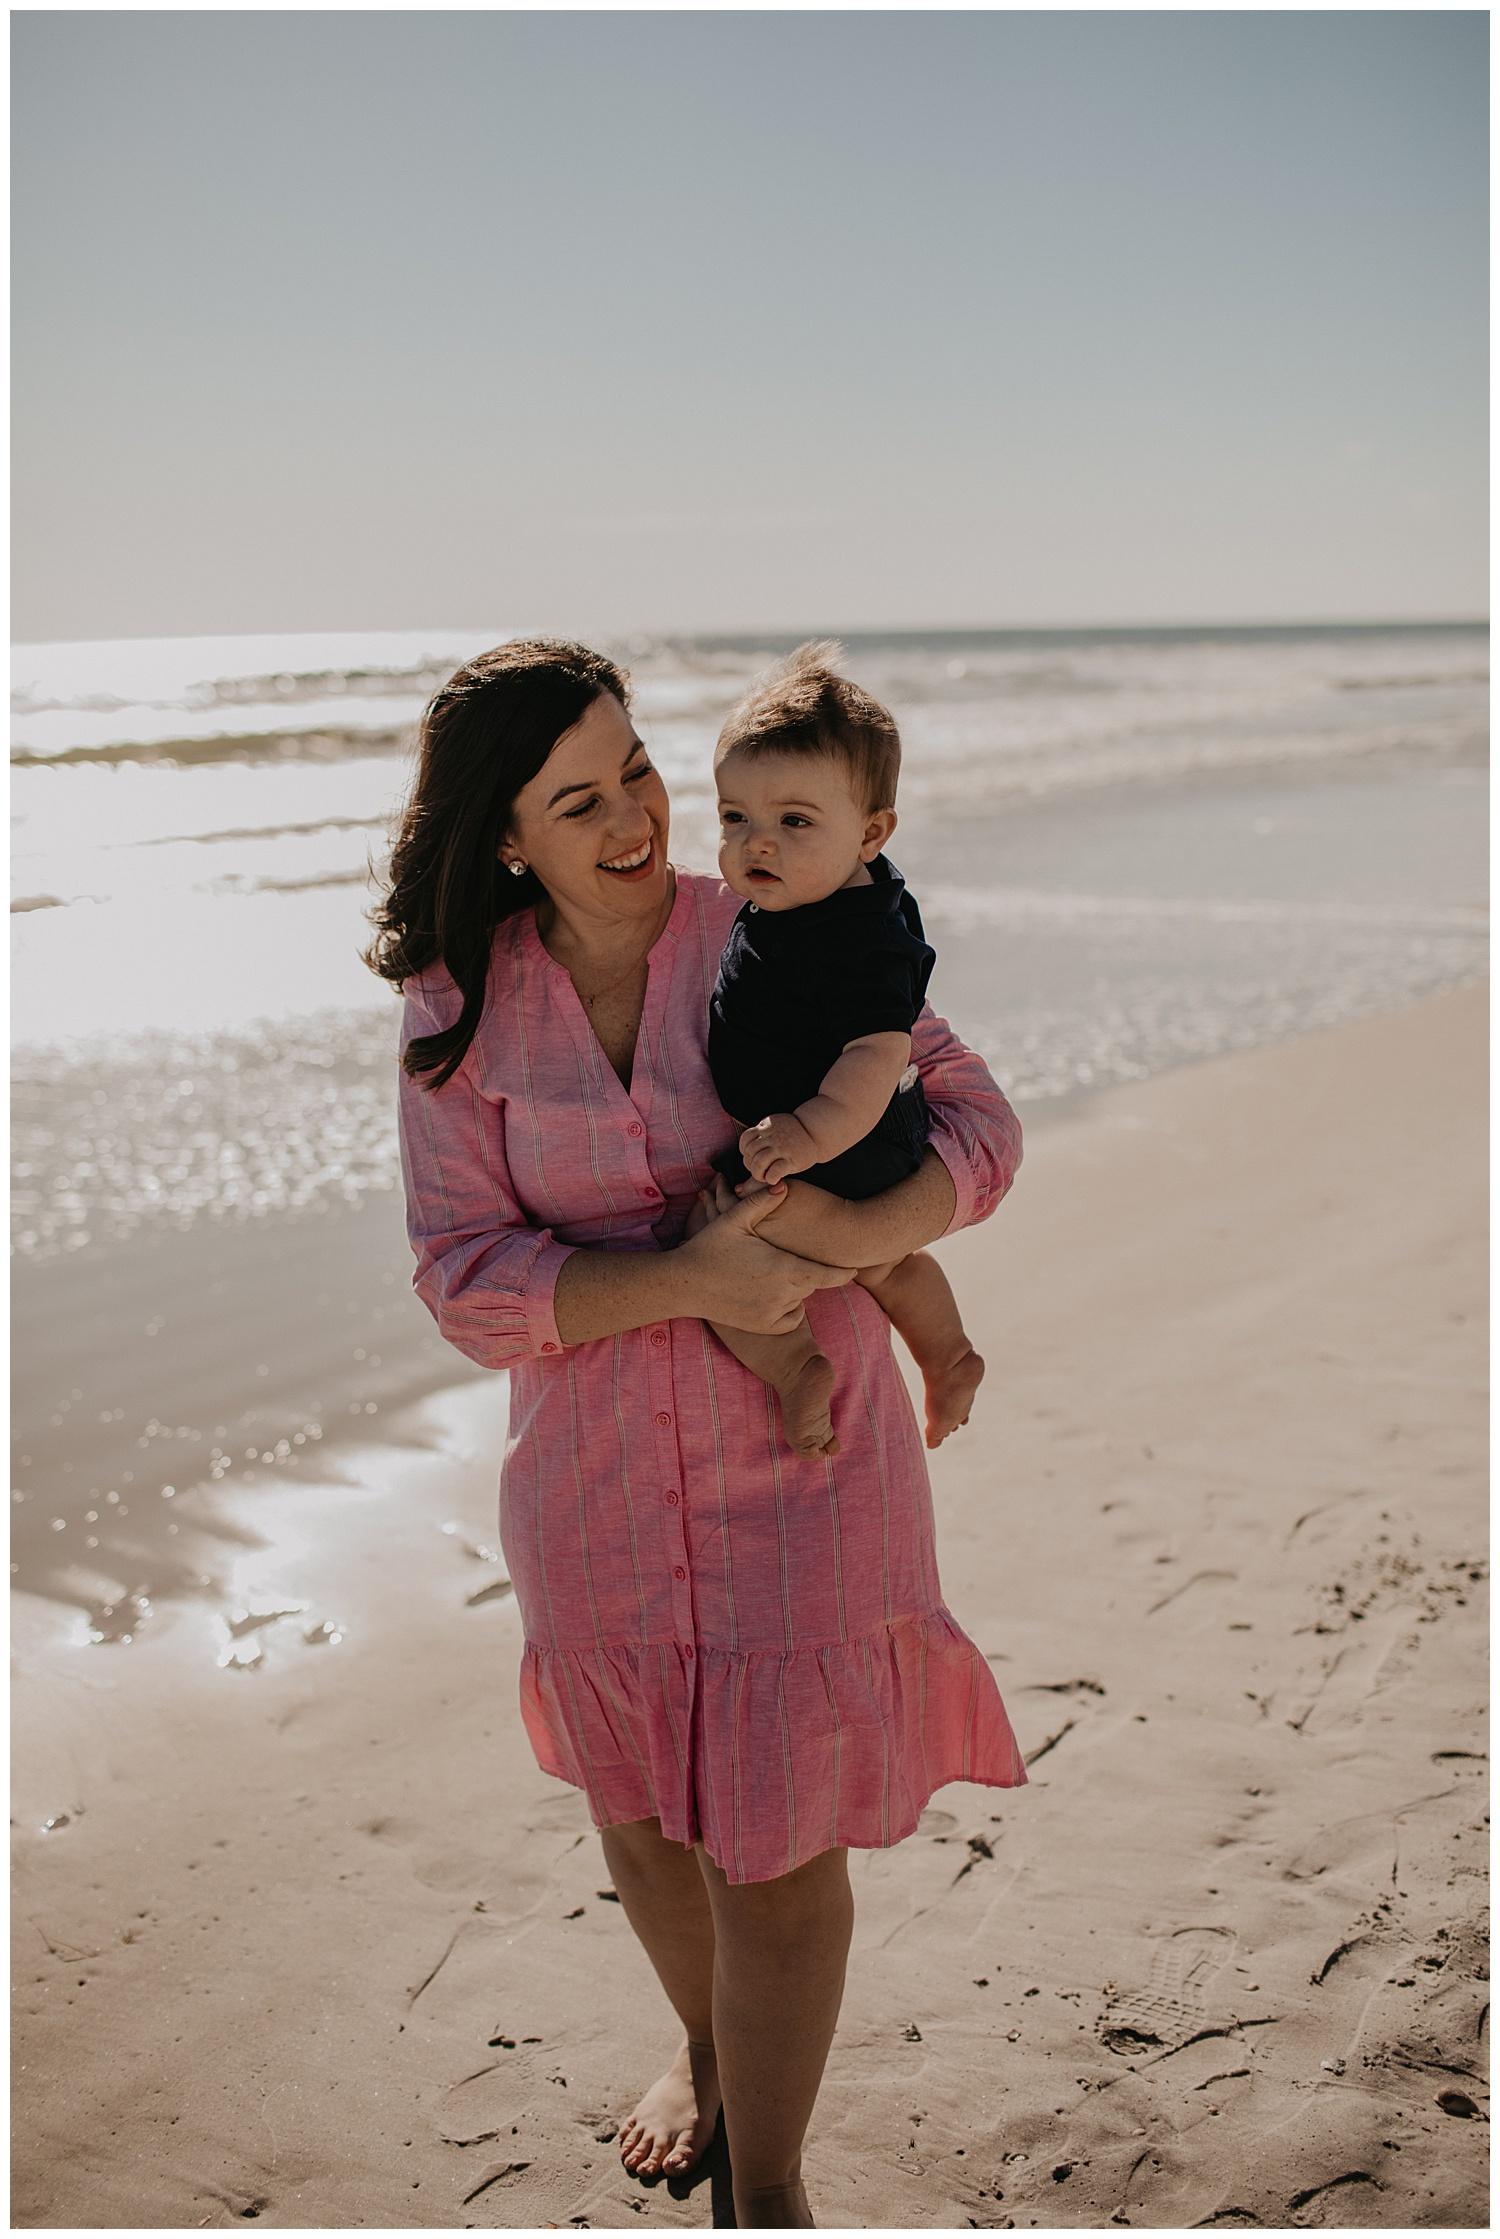 jacksonville-beach-family-session-jacksonville-beach-florida_0134.jpg